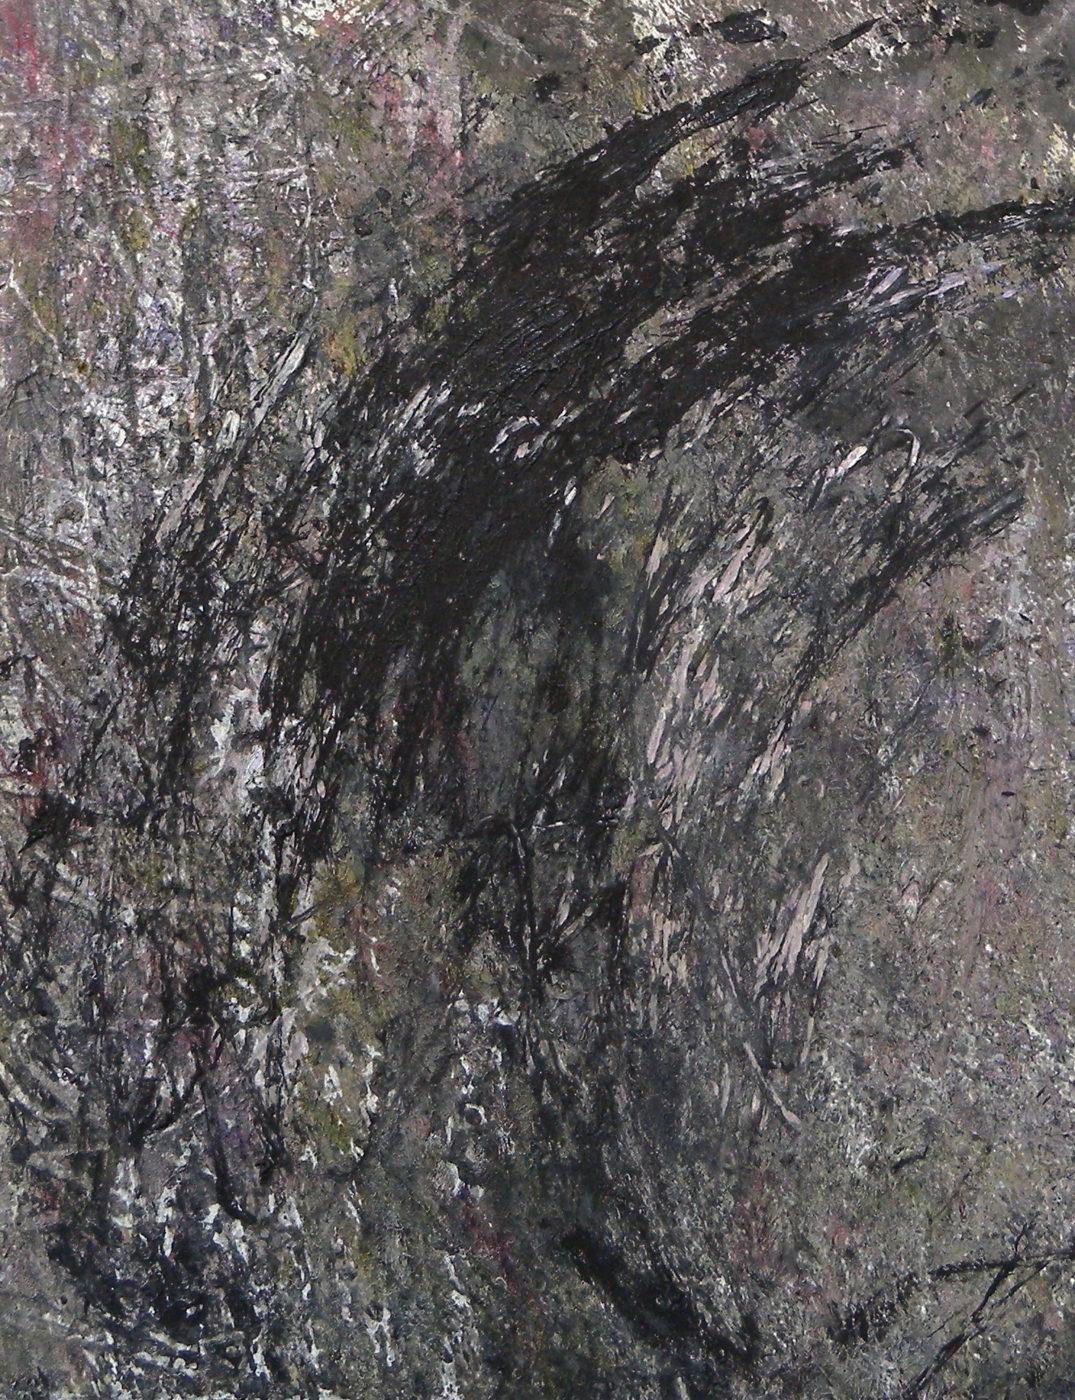 MARC FELD 2016 FÉROCE huile et acrylique sur papier 24 x 32 cm